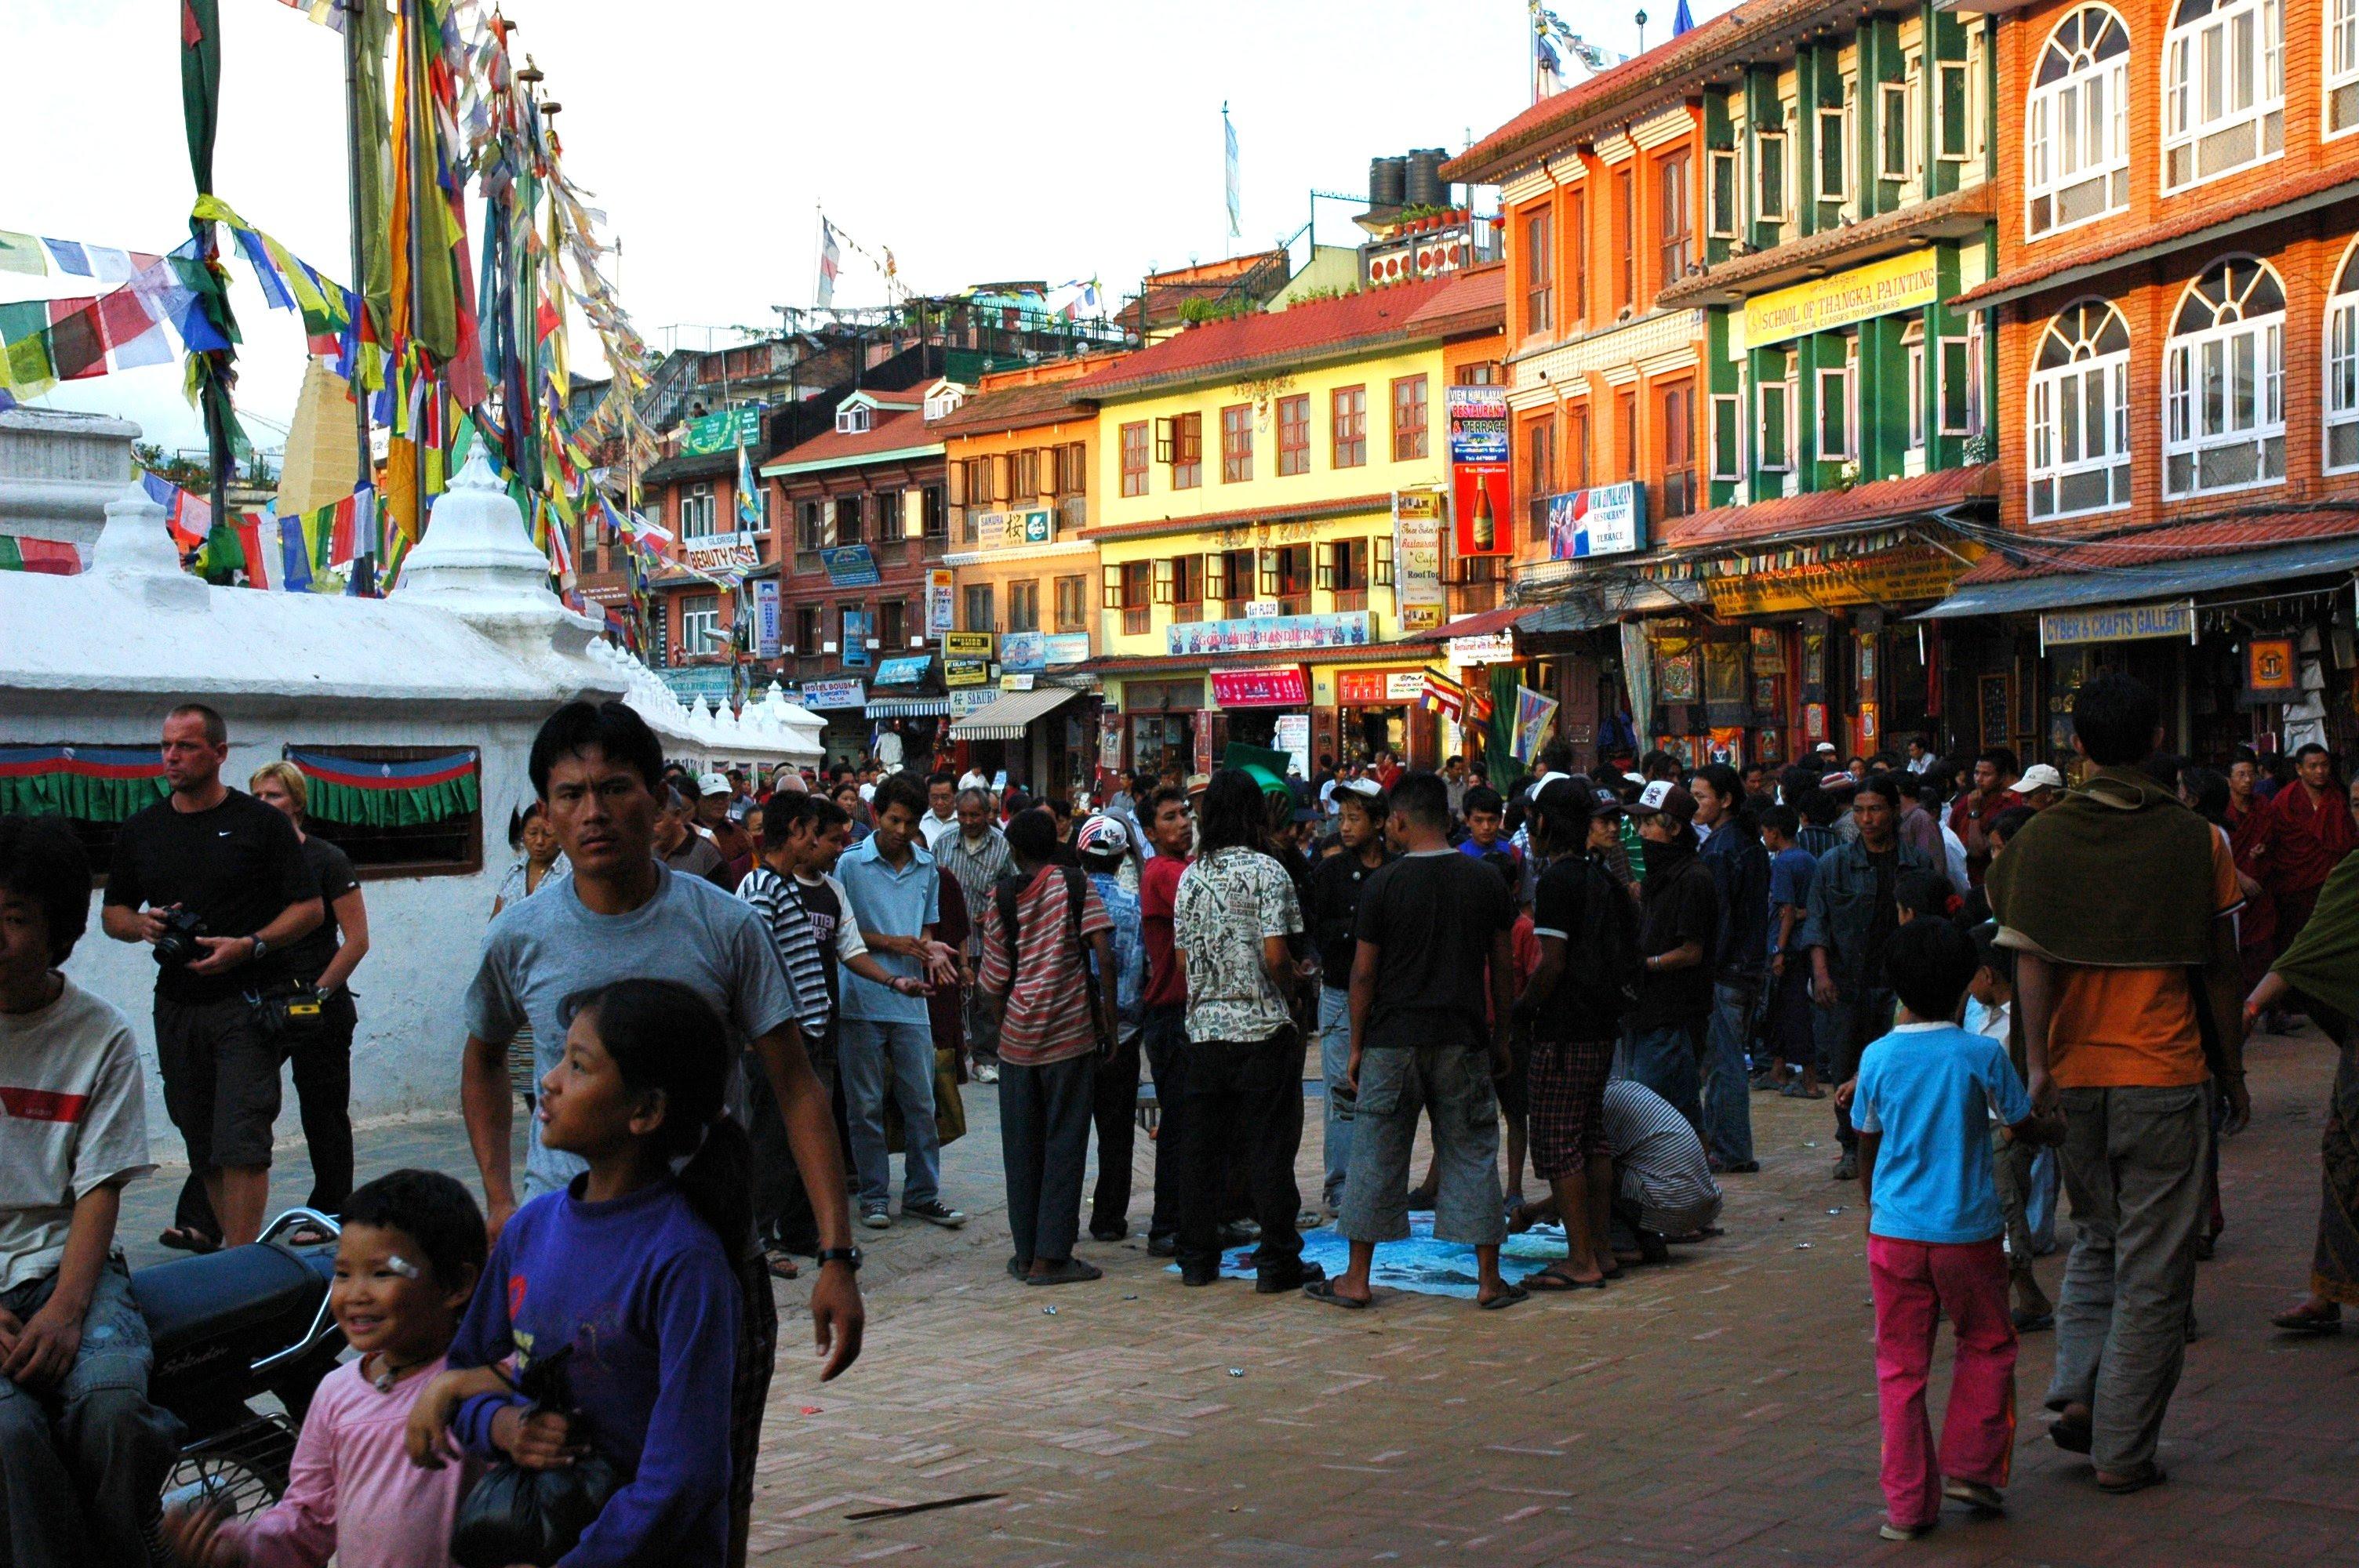 write an essay on nepal a safe destination for tourism